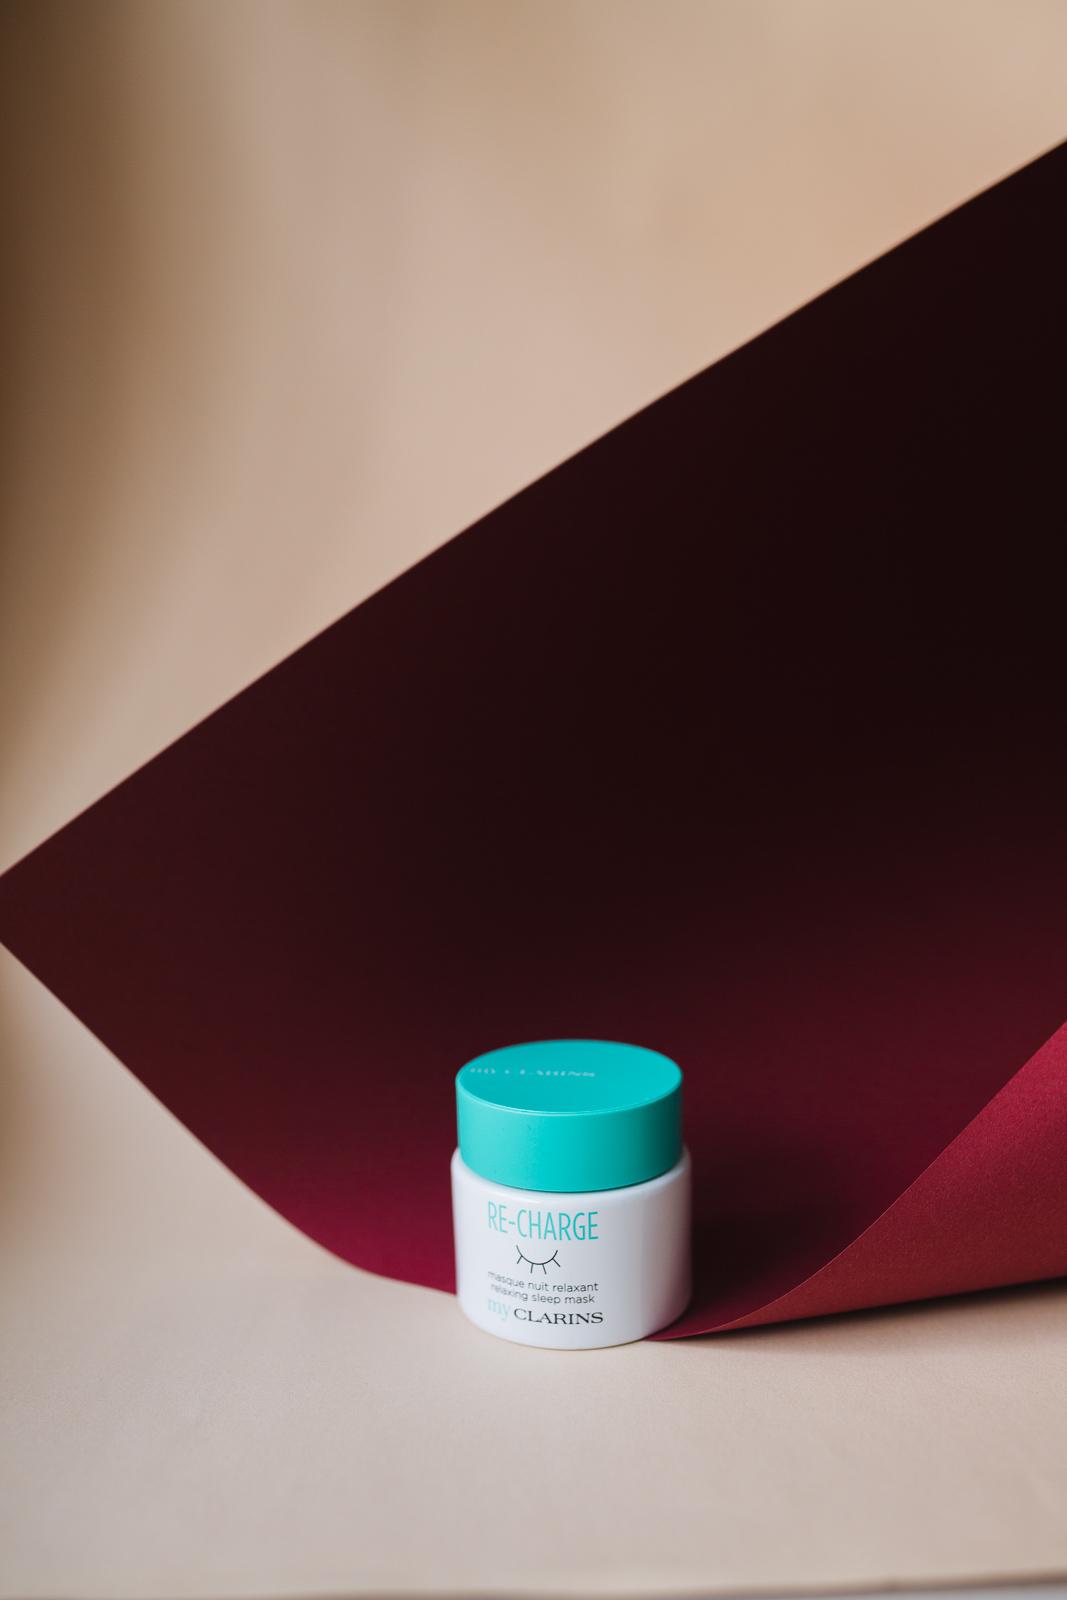 Clarins - Re-Charge Sleep Mask   Gerade bei wechselndem Wetter ist die Haut meistens sehr anfällig für Trockenheit und Irritationen. Um dem entgegenzuwirken, empfehlen wir die  Re-Charge Nacht Maske von Clarins !  Einfach abends vor dem Schlafengehen auf das gesäuberte Gesicht auftragen und über Nacht einwirken lassen. Das Ergebnis: die Haut fühlt sich am nächsten Morgen wieder ausgeglichen, fit und weich an. 50 ml für 27 EUR